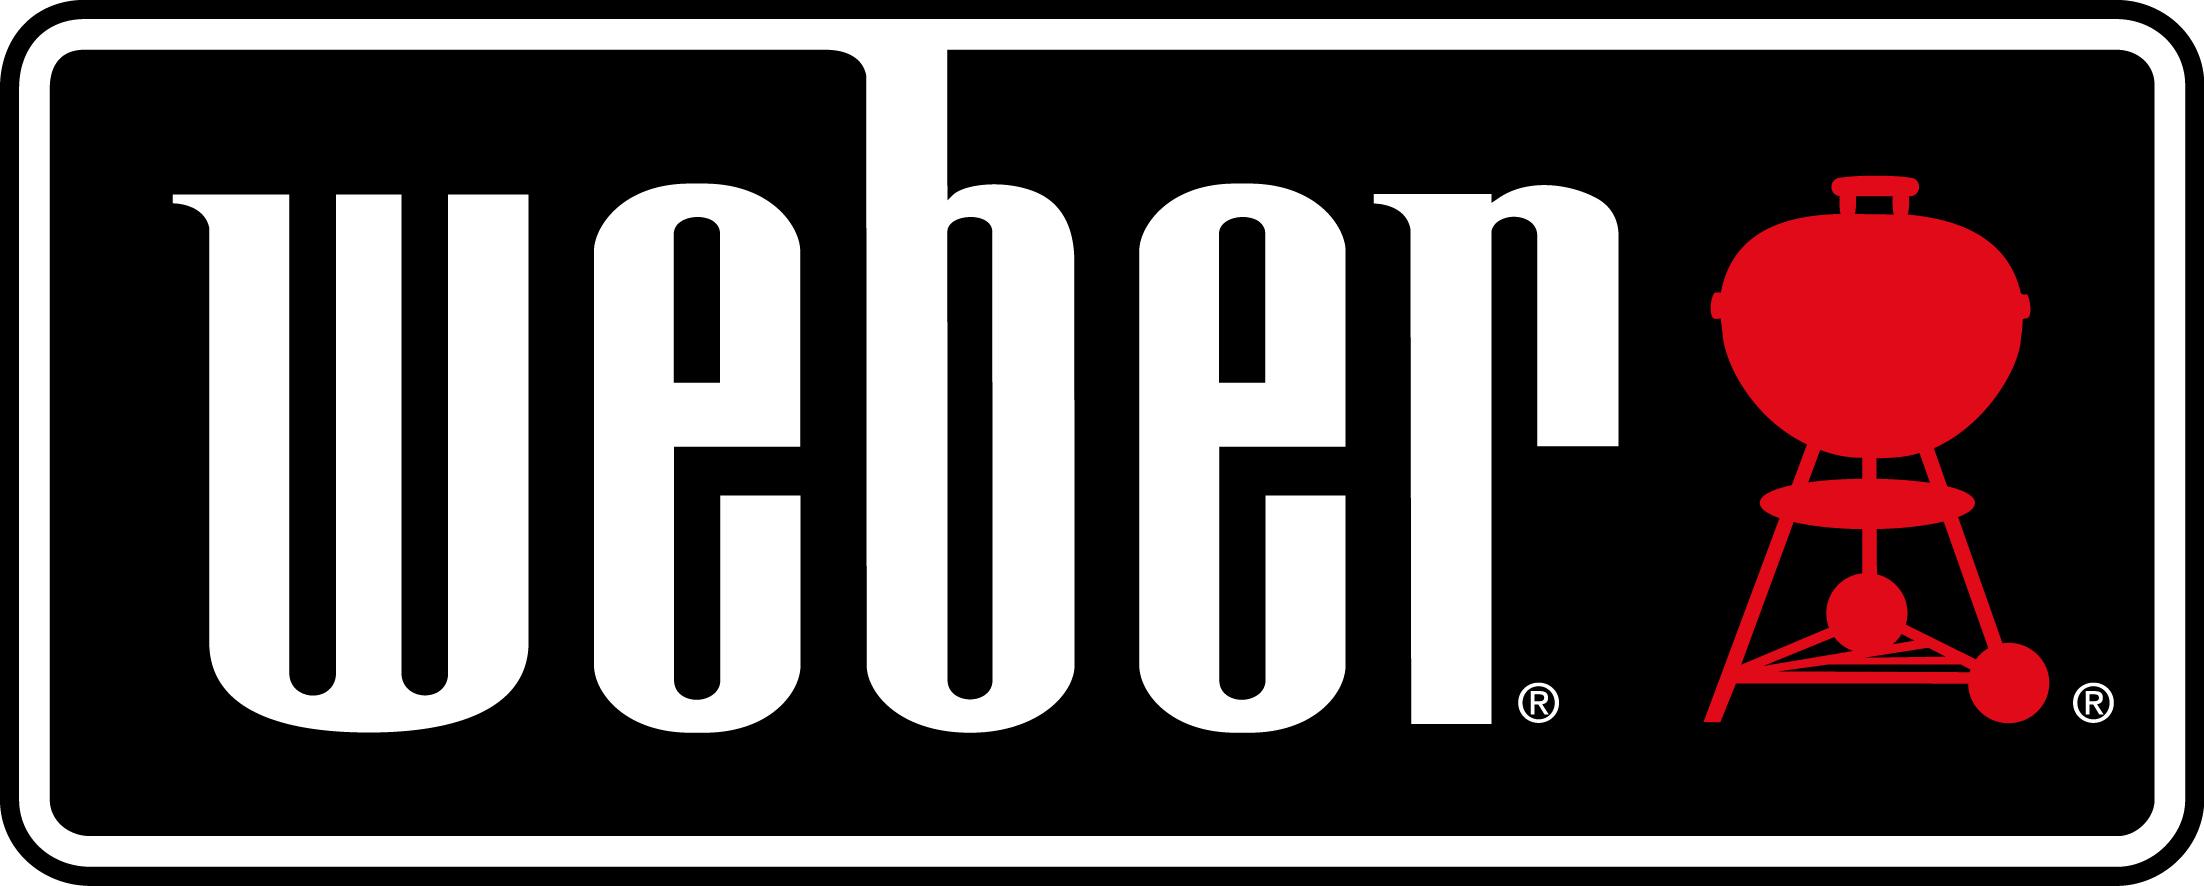 weber-logo1.jpg